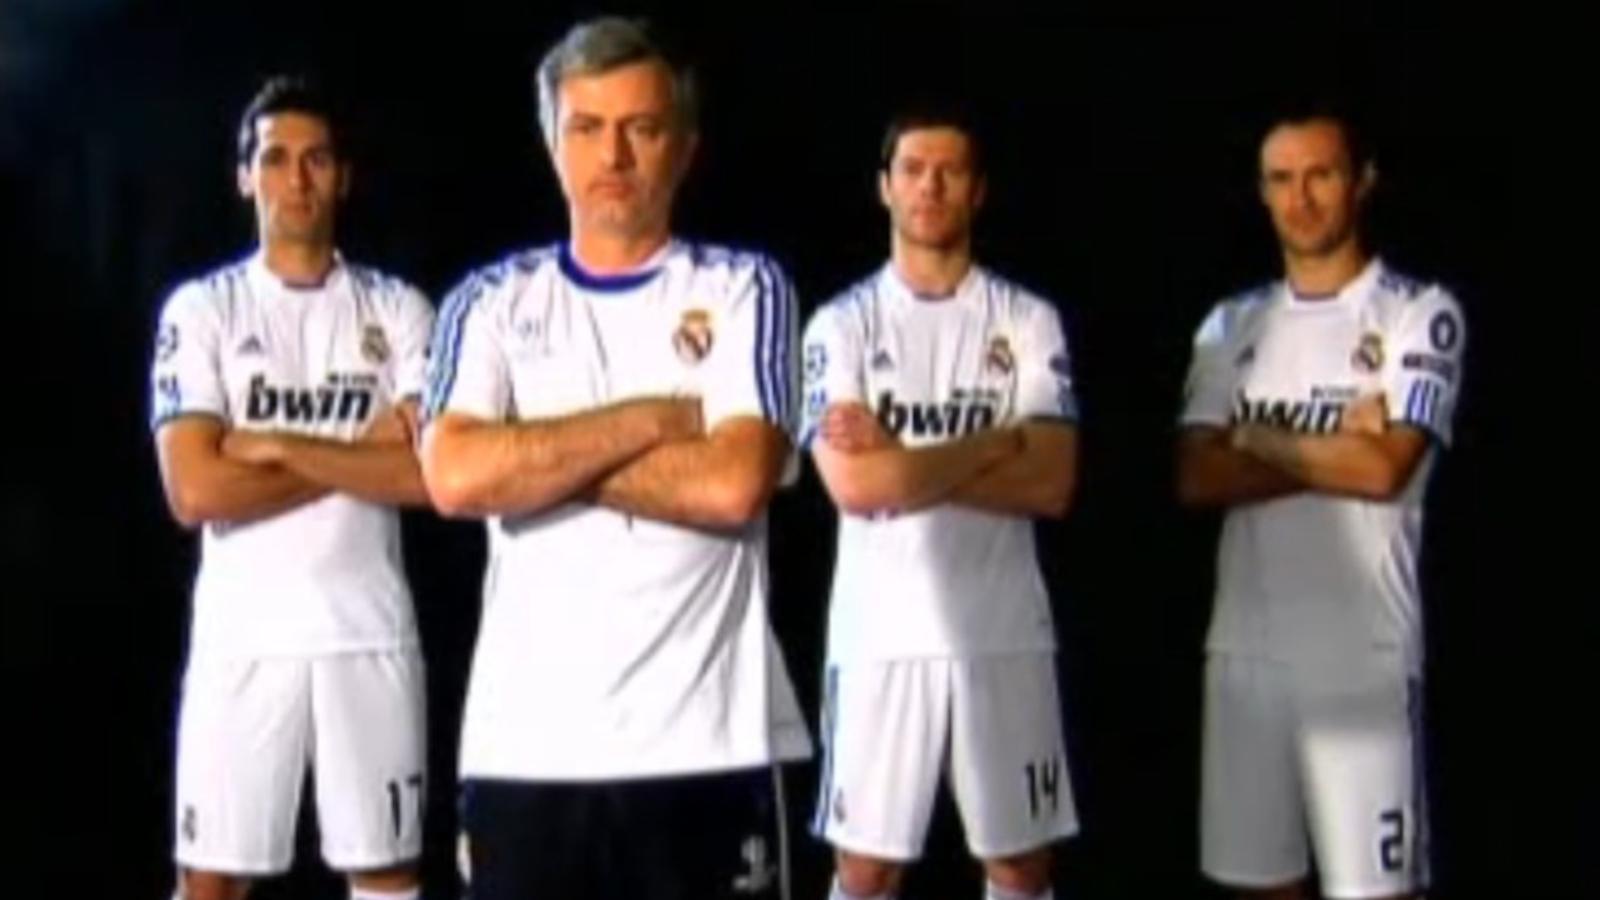 El Madrid demana el suport de l'afició per derrotar el Tottenham i recuperar l'esperit de les grans nits al Bernabeu